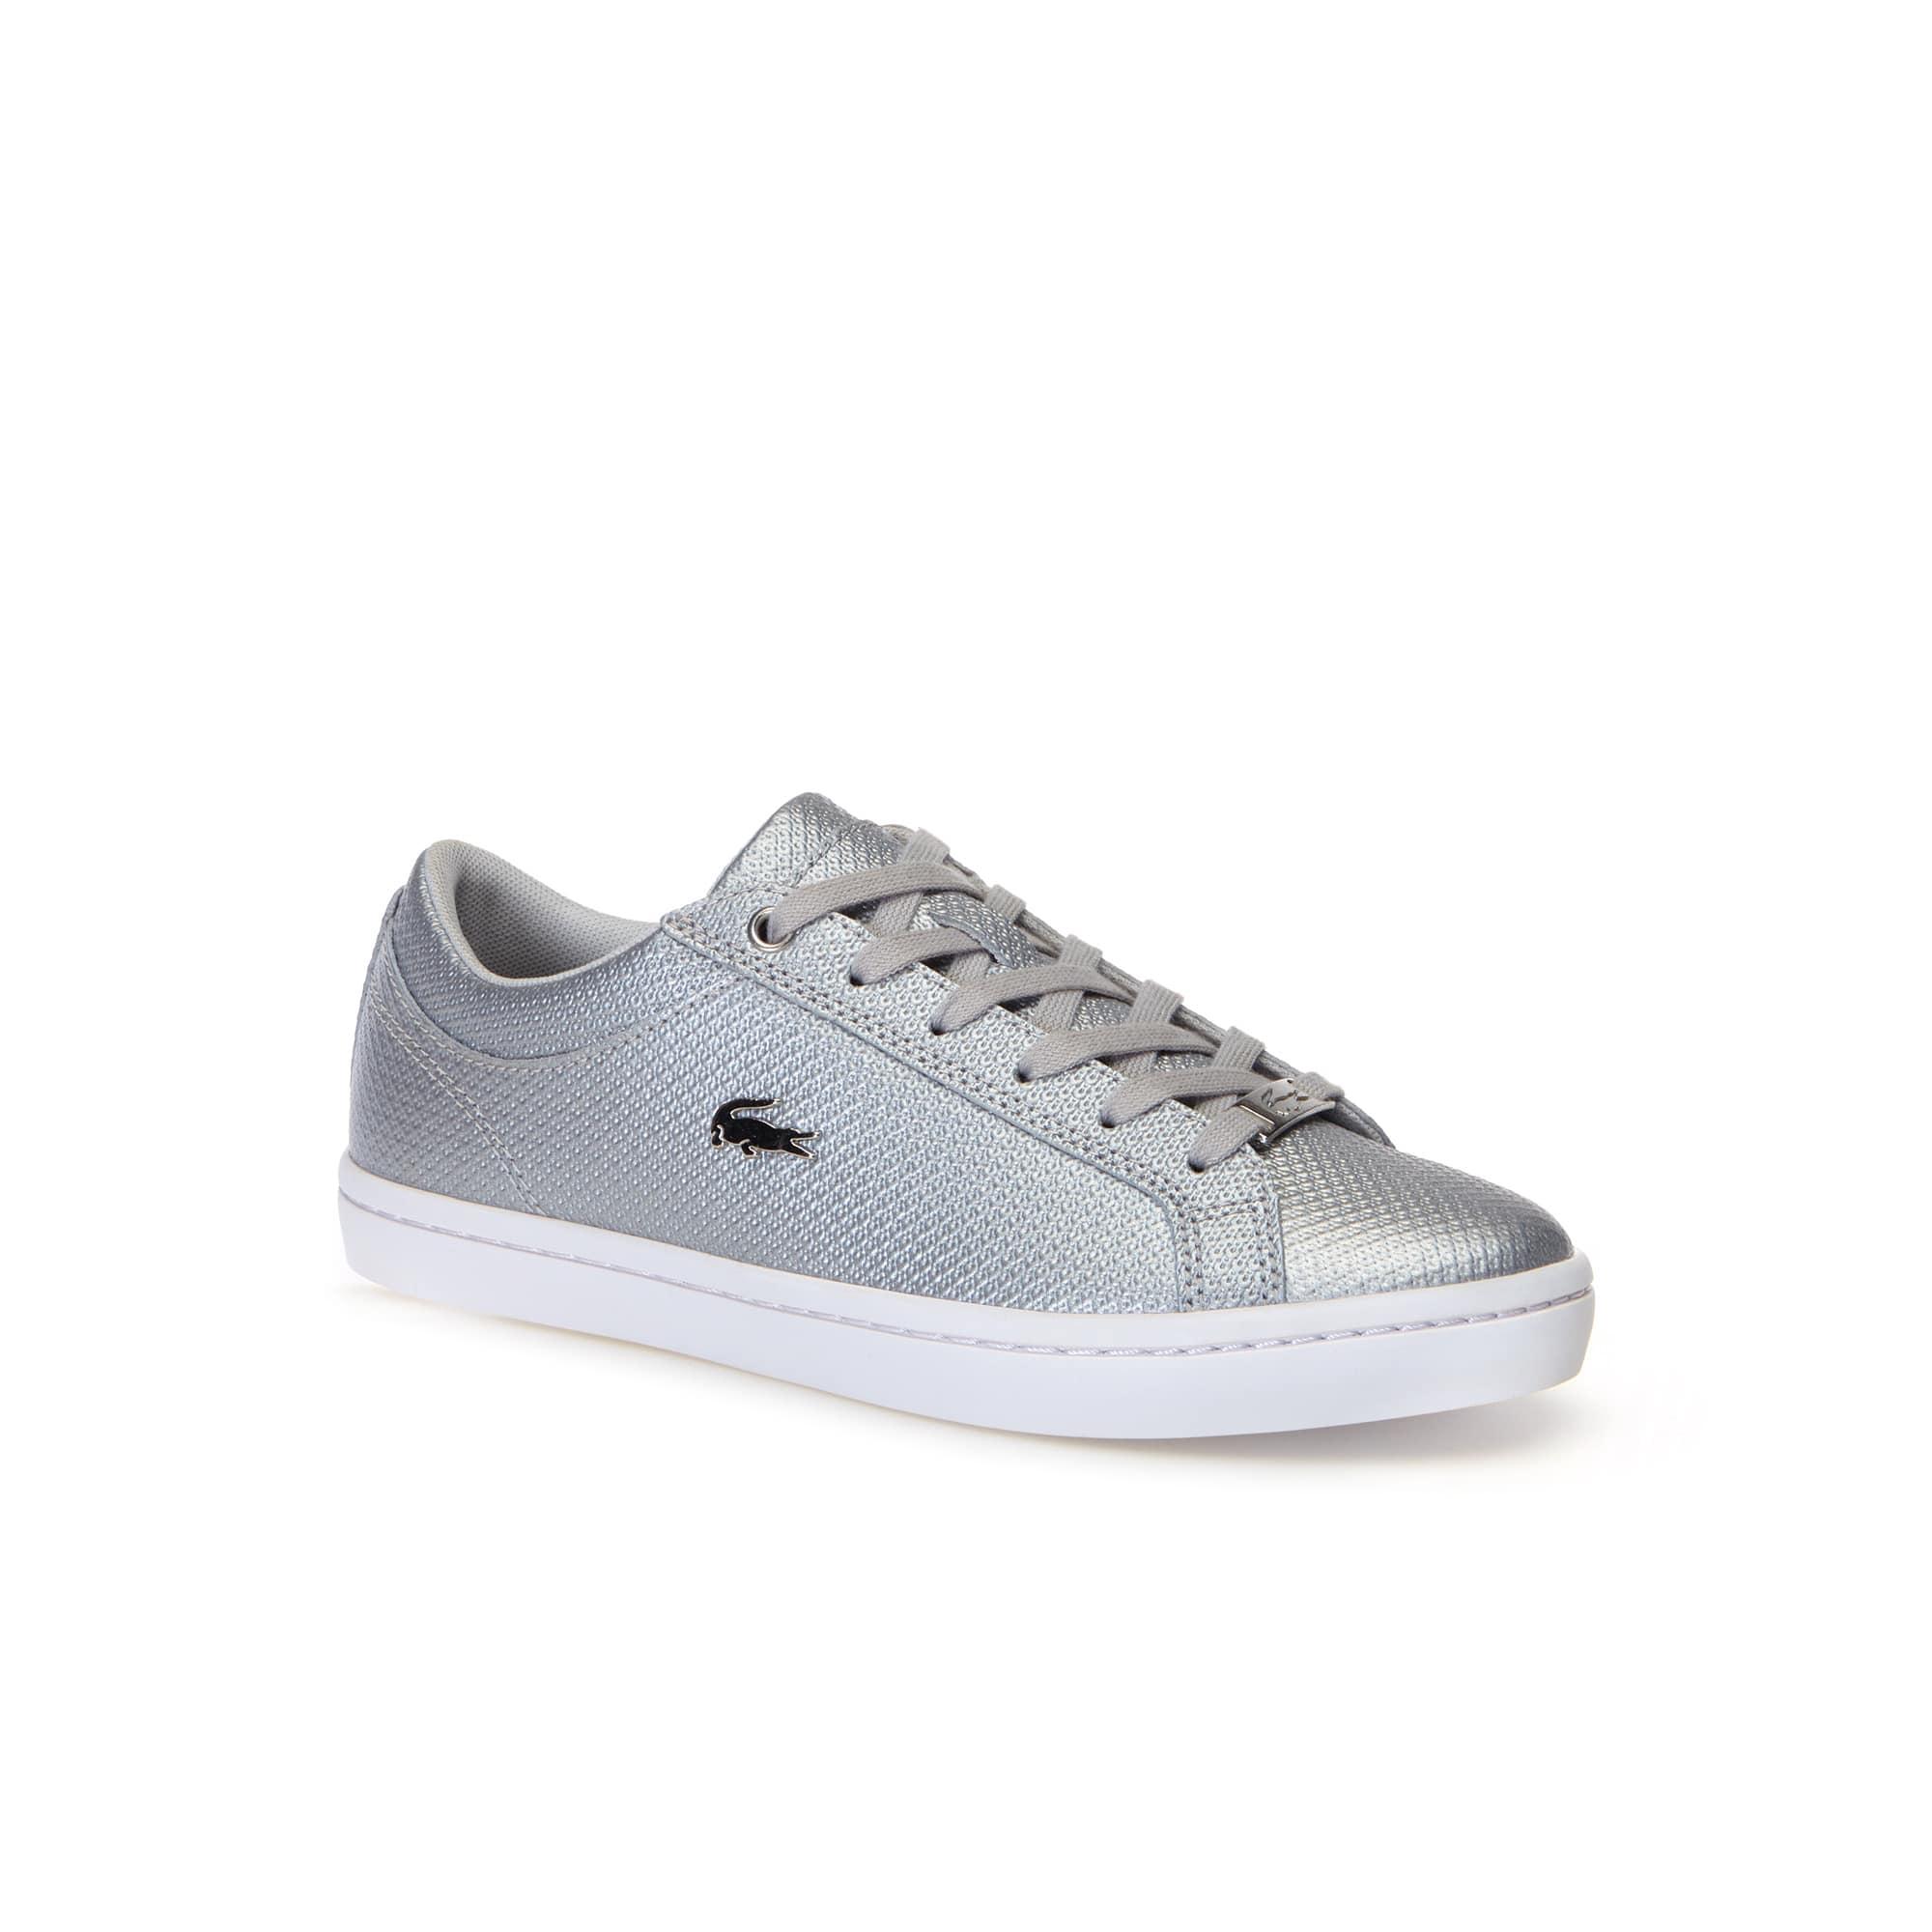 64343195a79 Calzado de Lacoste para mujer  Botas y zapatillas